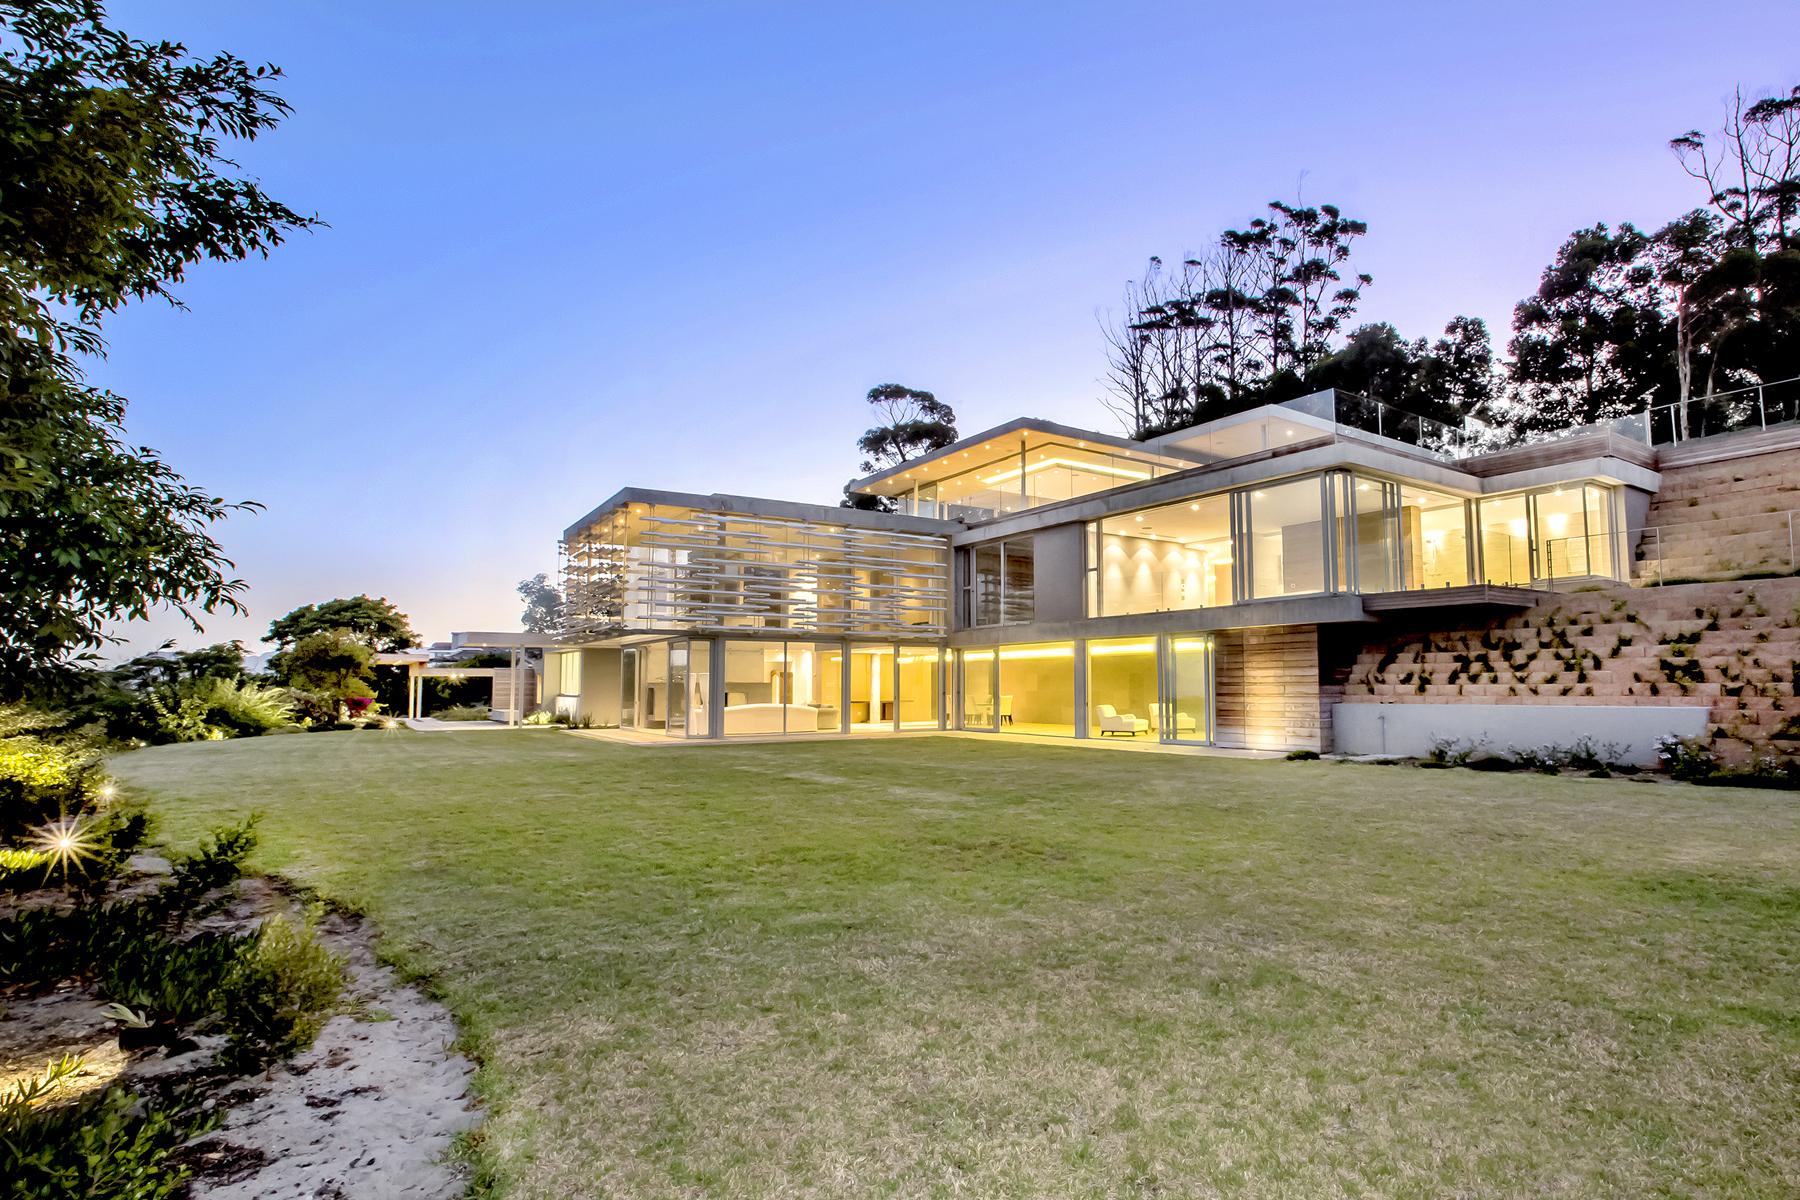 Casa Multifamiliar por un Venta en Constantia Cape Town, Provincia Occidental Del Cabo, 7806 Sudáfrica